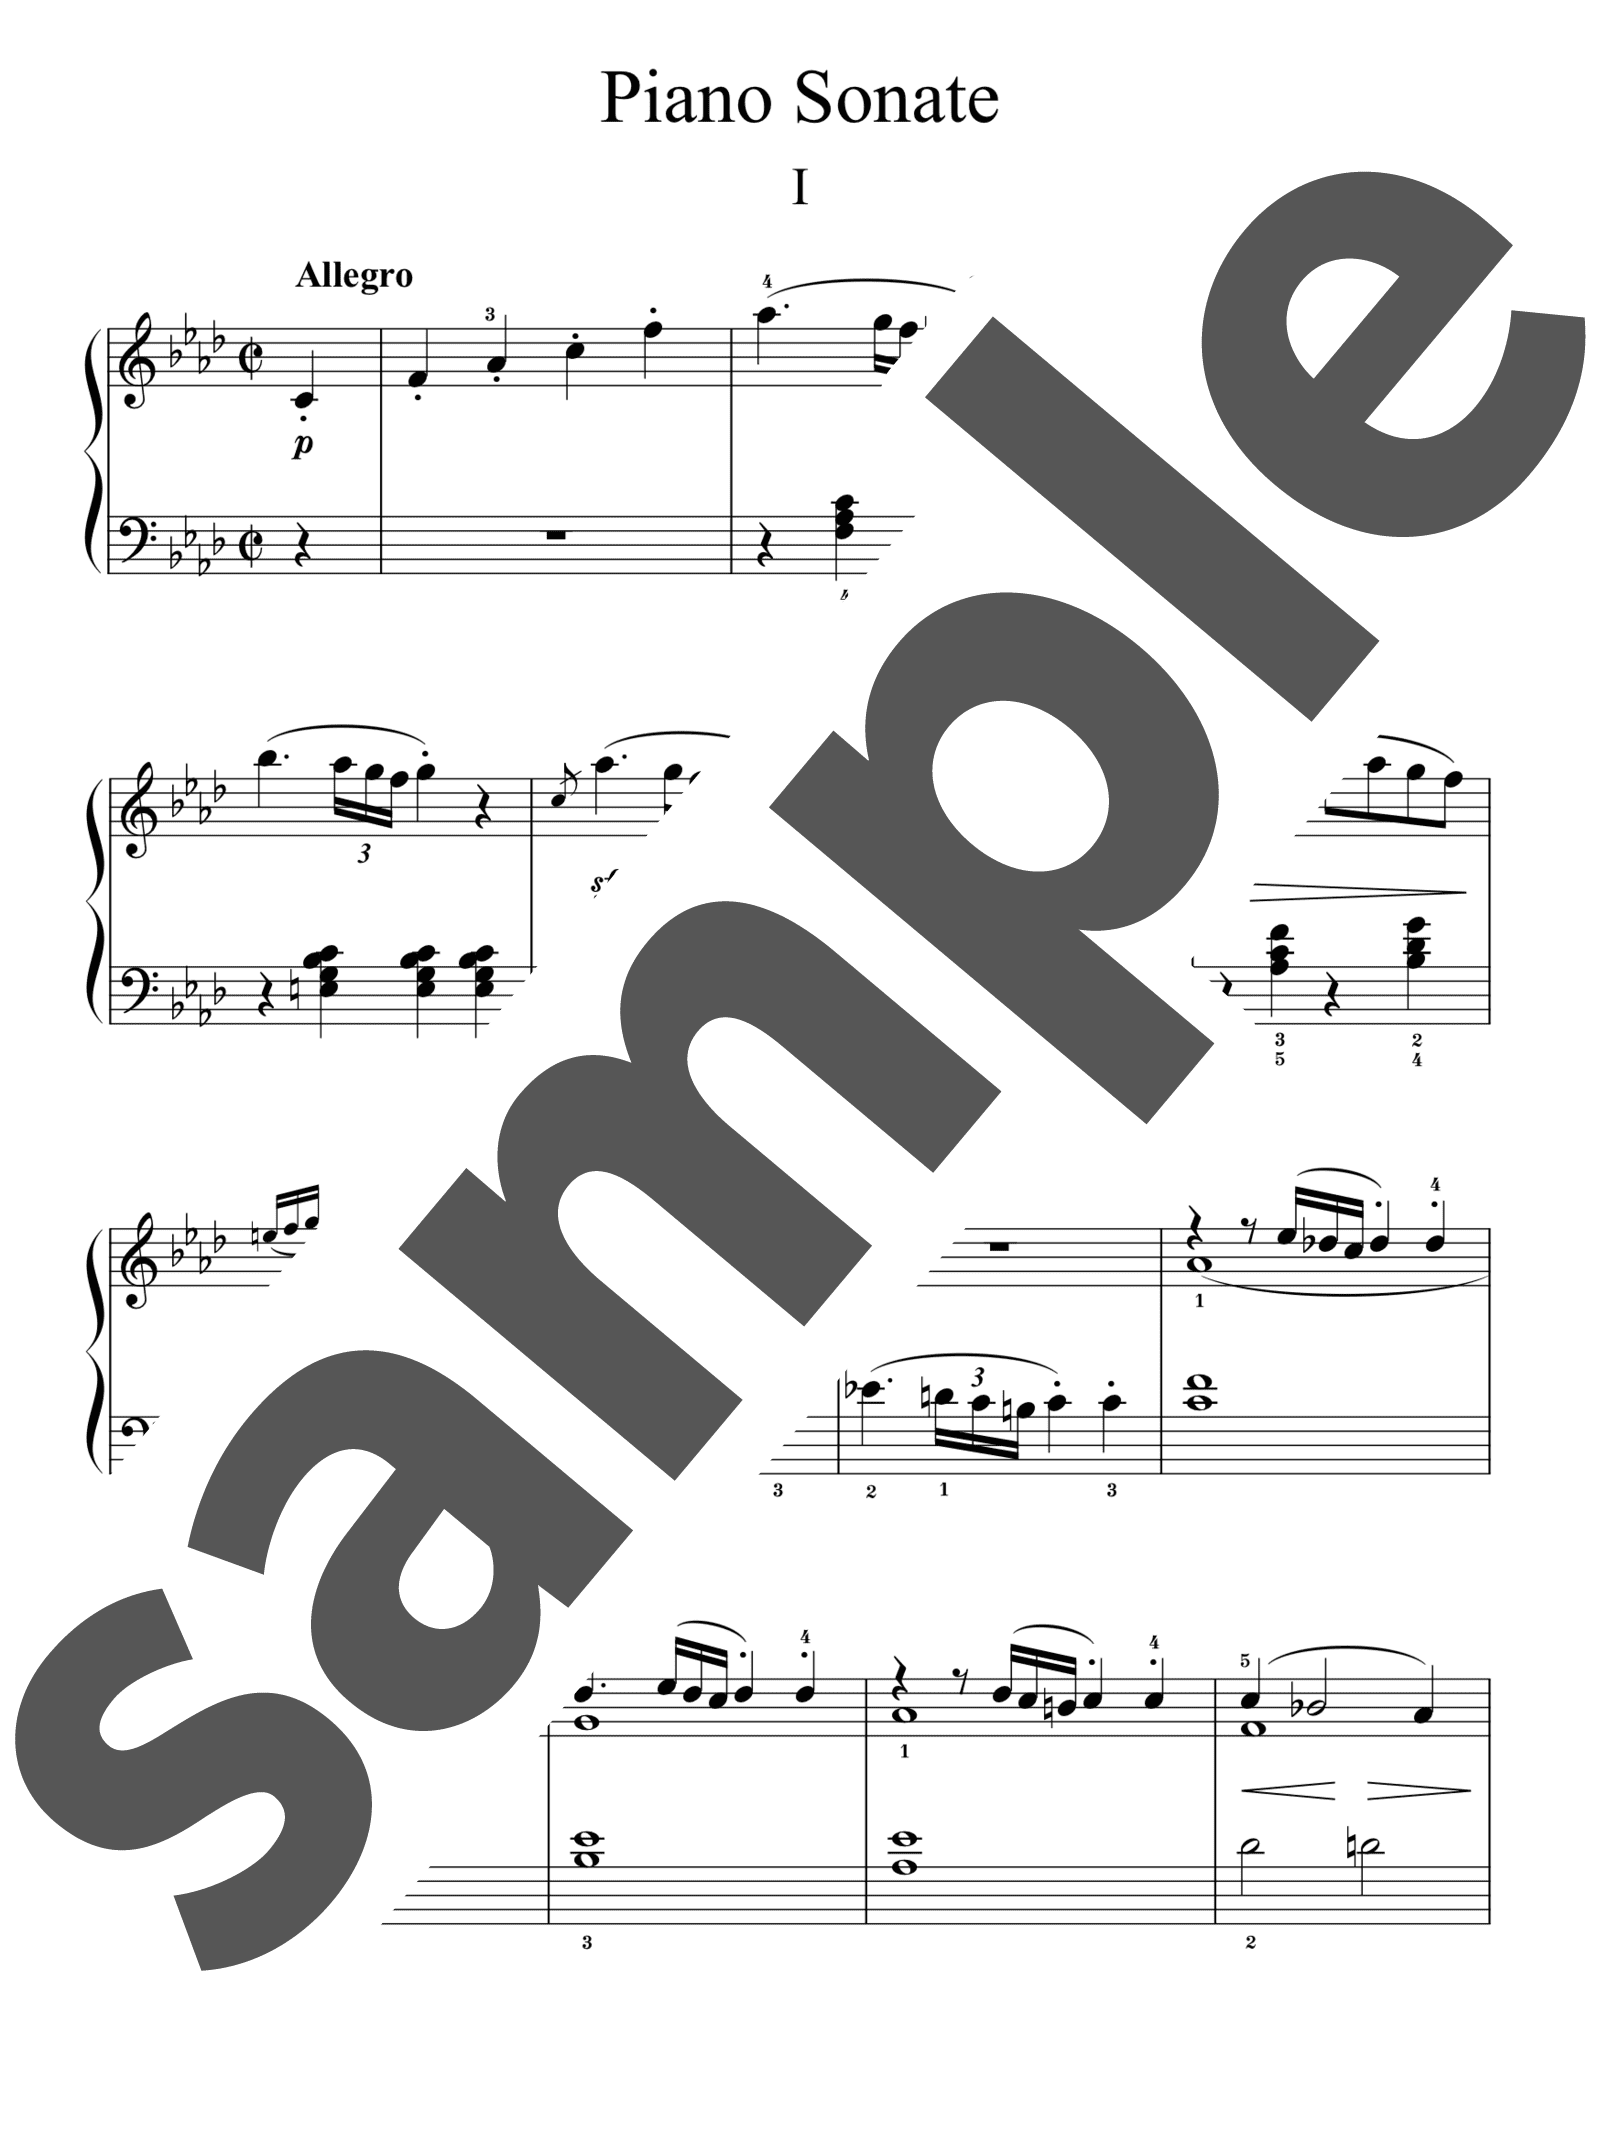 「ピアノ・ソナタ 第1番 ヘ短調 第1楽章」のサンプル楽譜